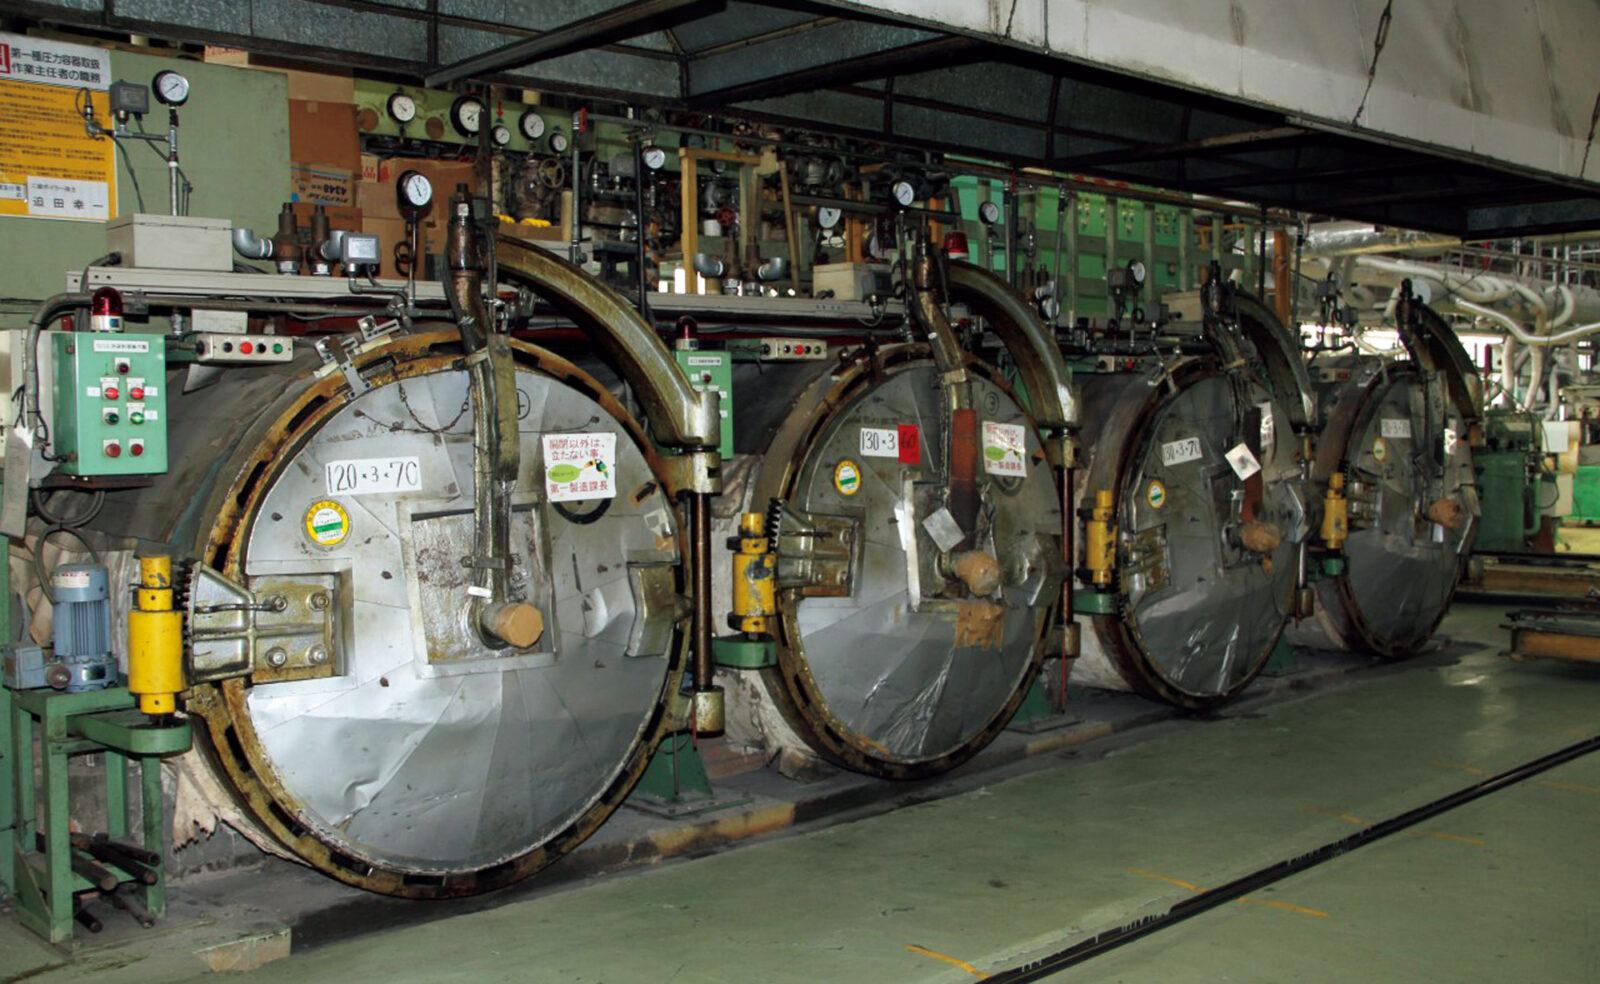 大きな稀少な加硫窯がバルカナイズド製法の基地。大きな窯で加圧・加熱し1時間。天然ゴムに加えた硫黄が化学反応を起こすことで糊付けされたアッパーとソールが接着される。